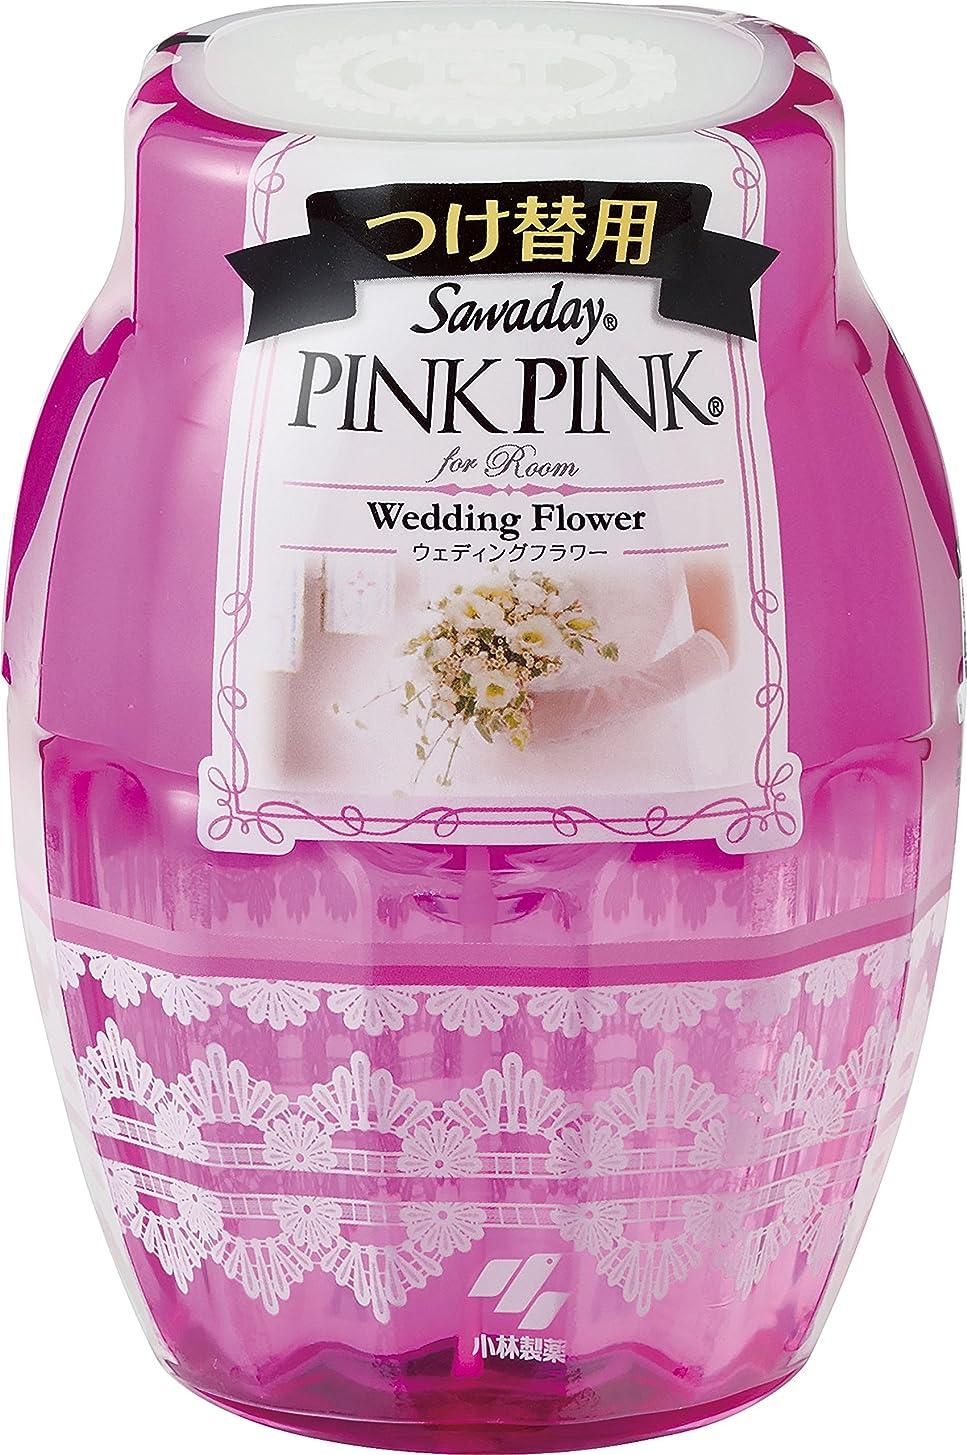 追放ミネラルハイジャックサワデーピンクピンク 消臭芳香剤 部屋用 詰め替え用 ウェディングフラワー 250ml